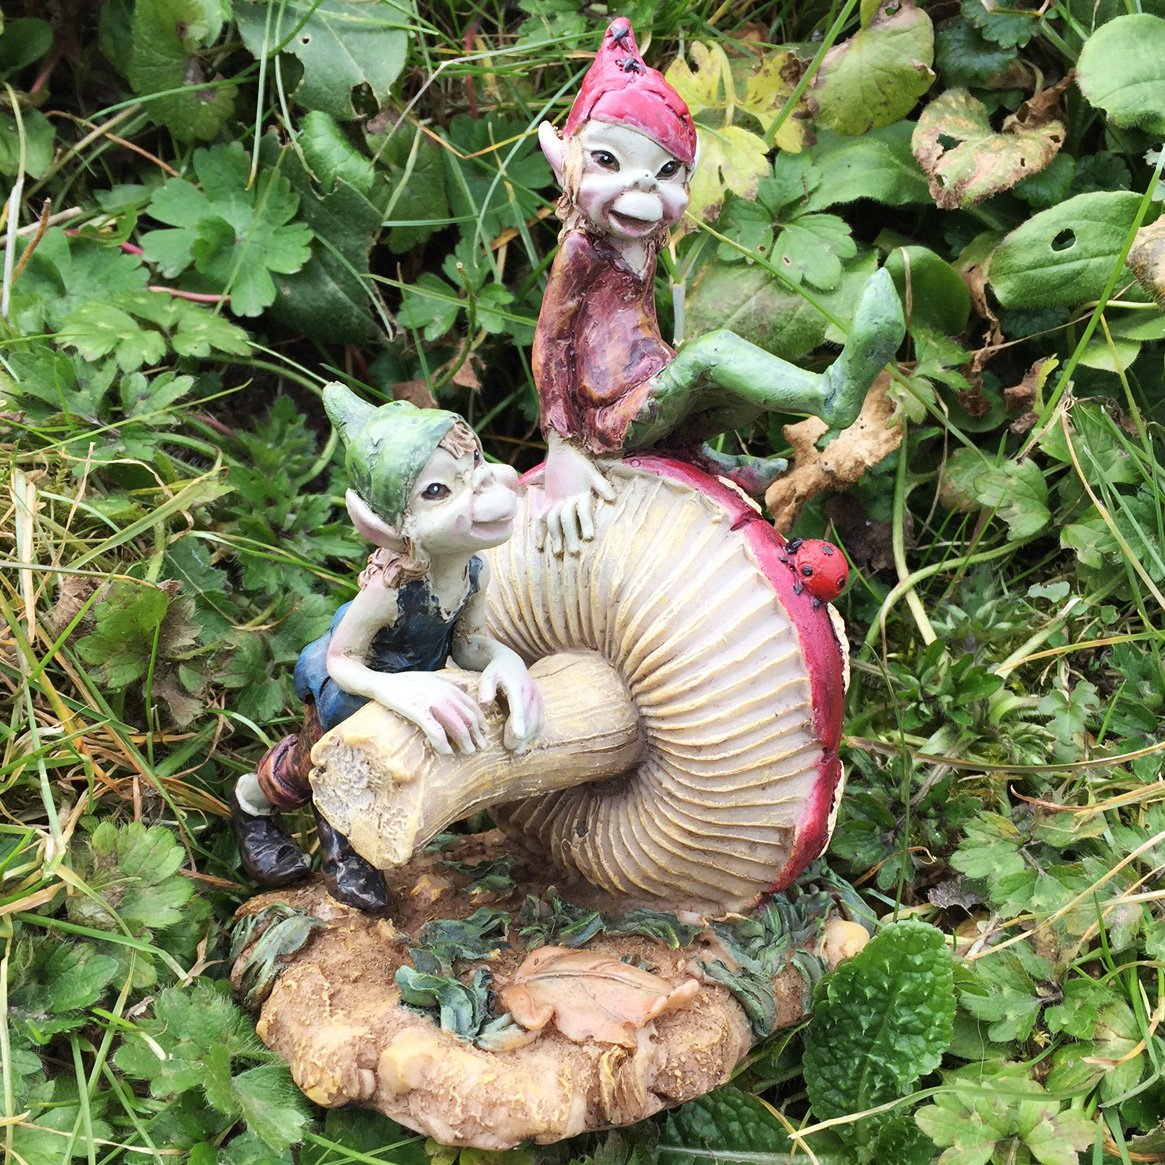 Pixie Fratelli seduti su un fungo magico da giardino di alta qualità Decor Figurines elfo fate e bambini, altezza: 14cm Fiesta Studios